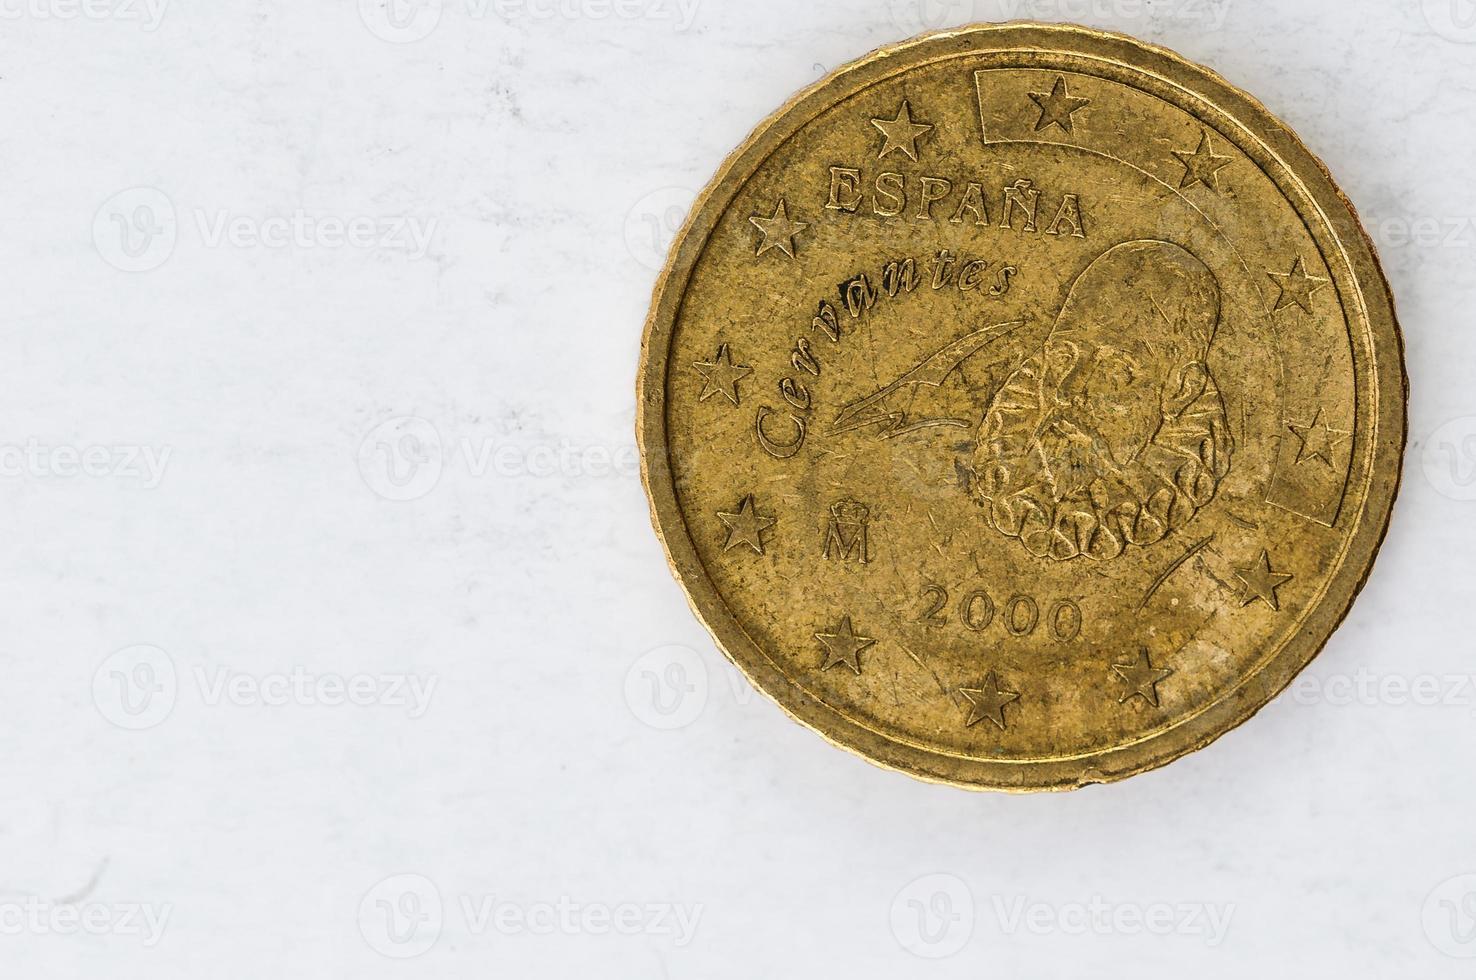 Moneda de 50 céntimos de euro con el aspecto usado en la parte trasera de espania cervantes foto